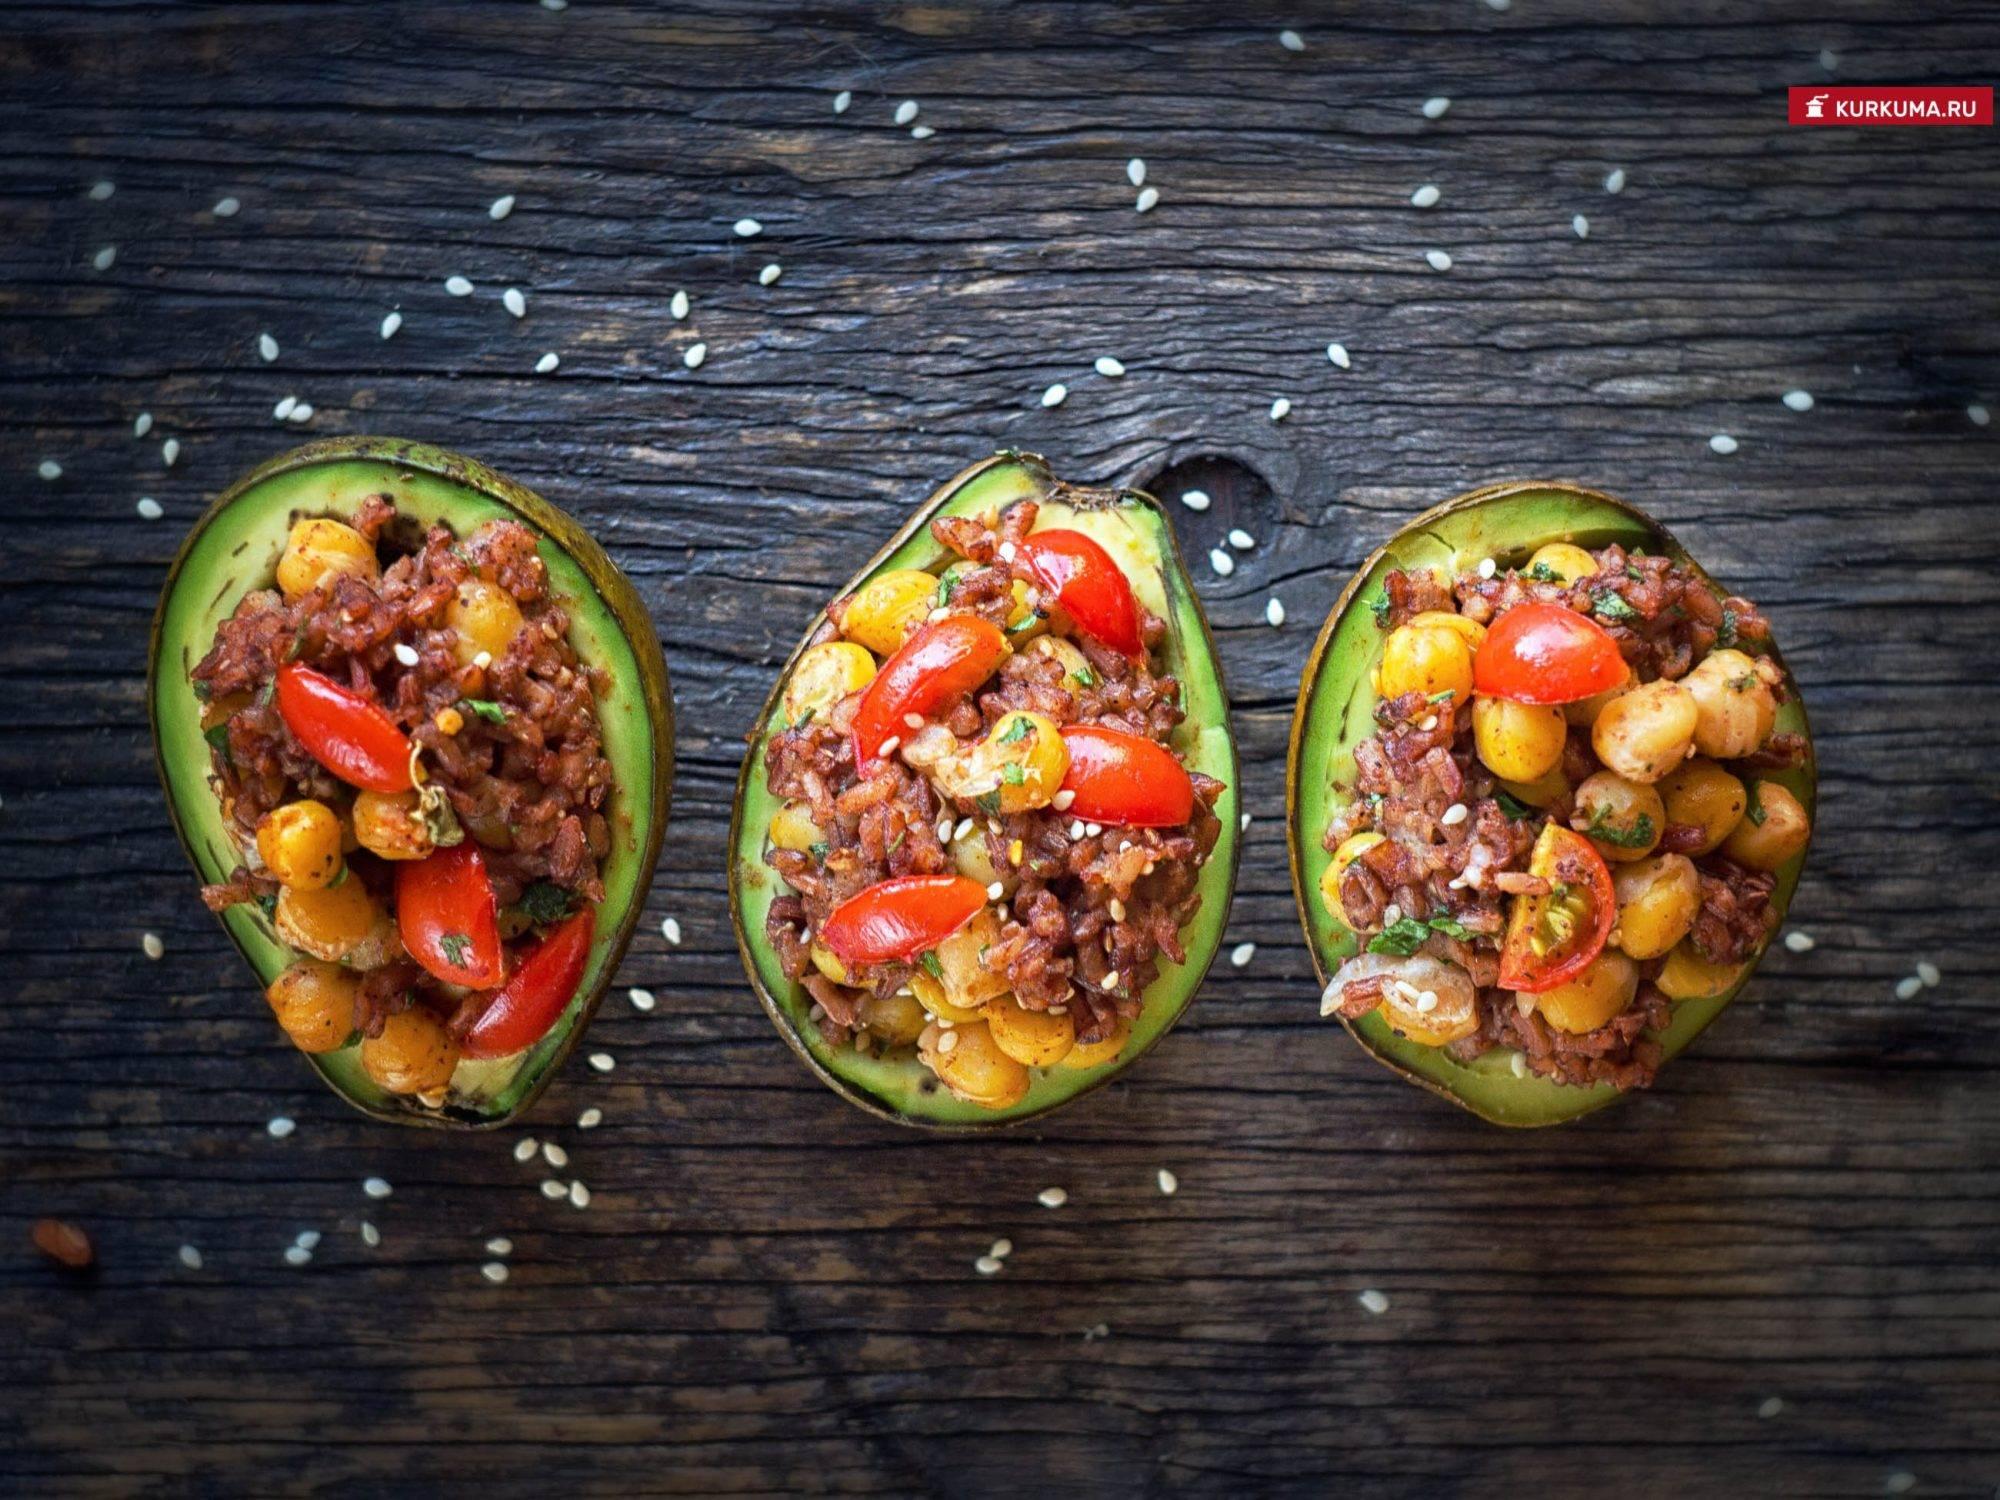 Авокадо - рецепты